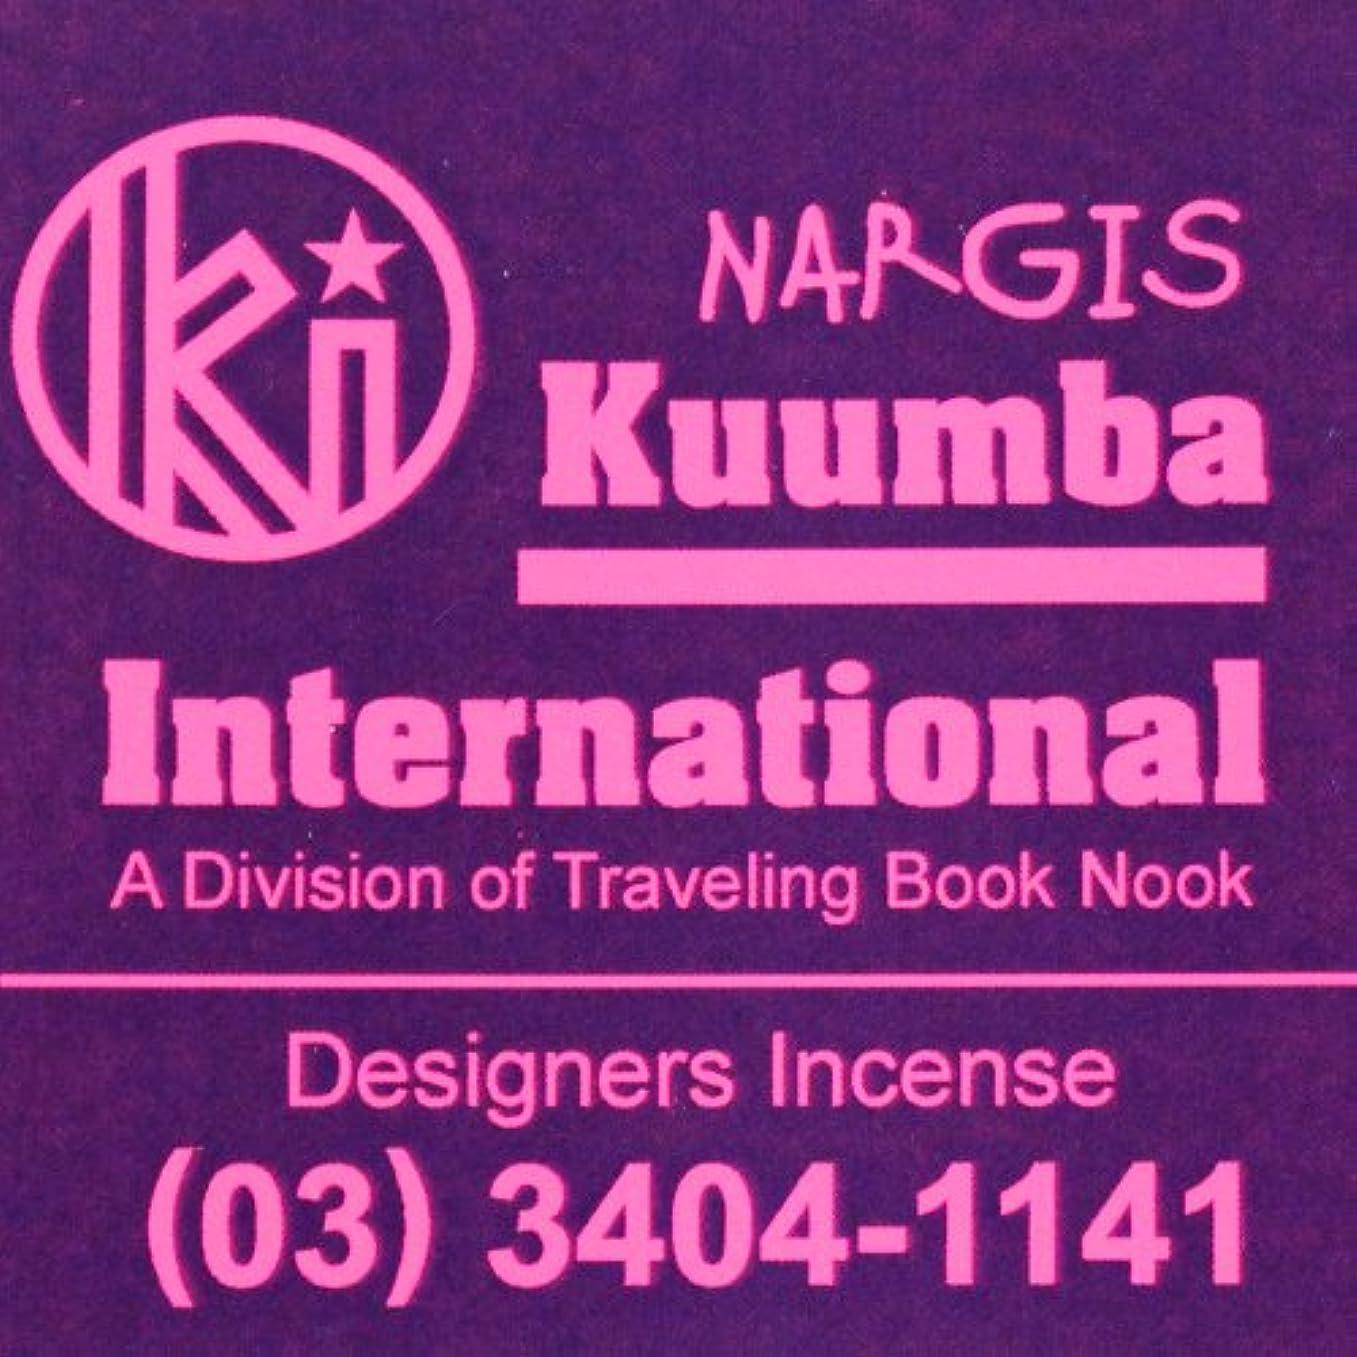 大理石攻撃資料(クンバ) KUUMBA『classic regular incense』(NARGIS) (Regular size)